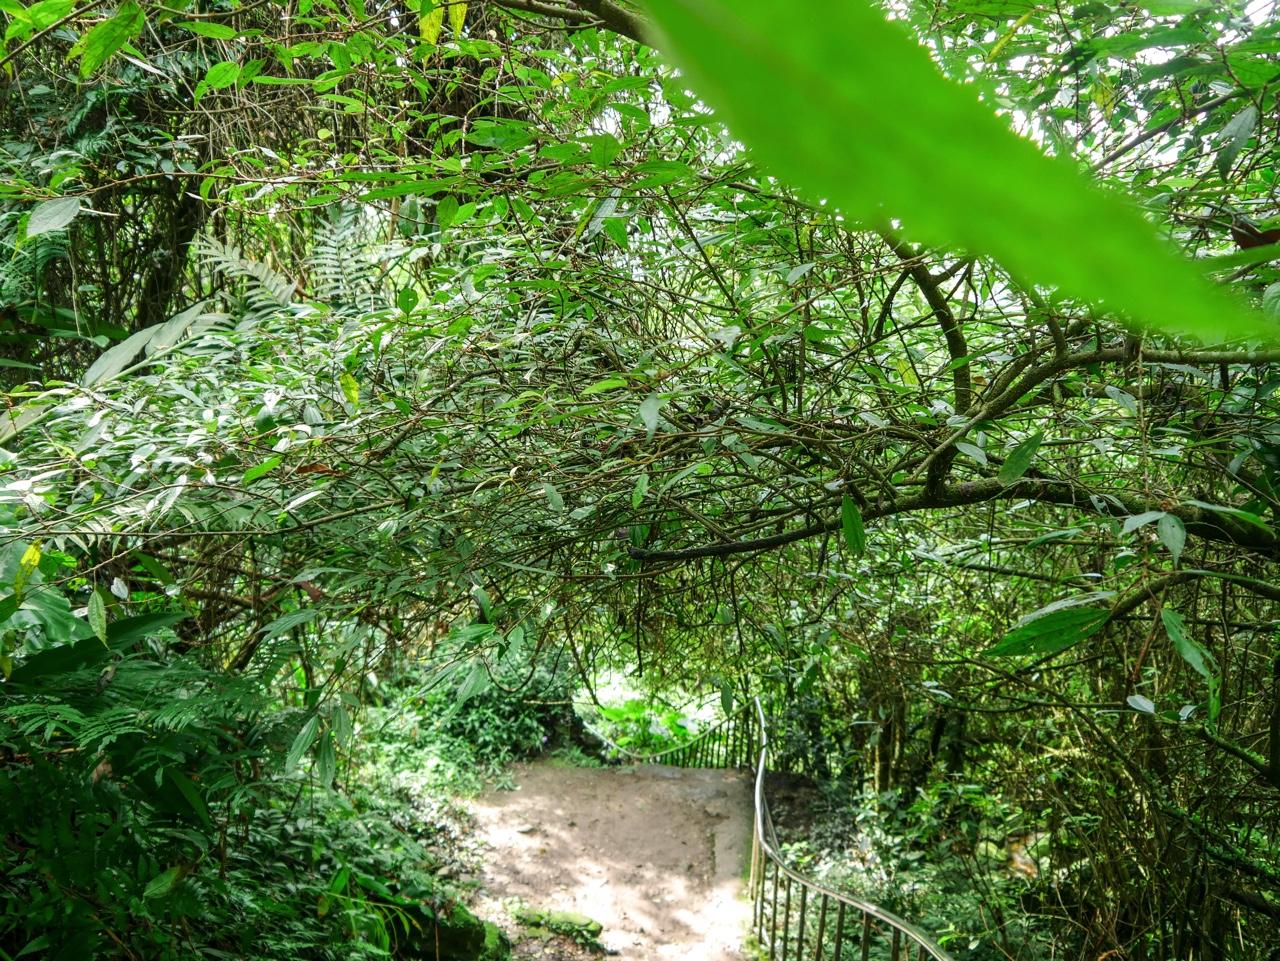 銀河洞越嶺歩道の緑に包まれた空間